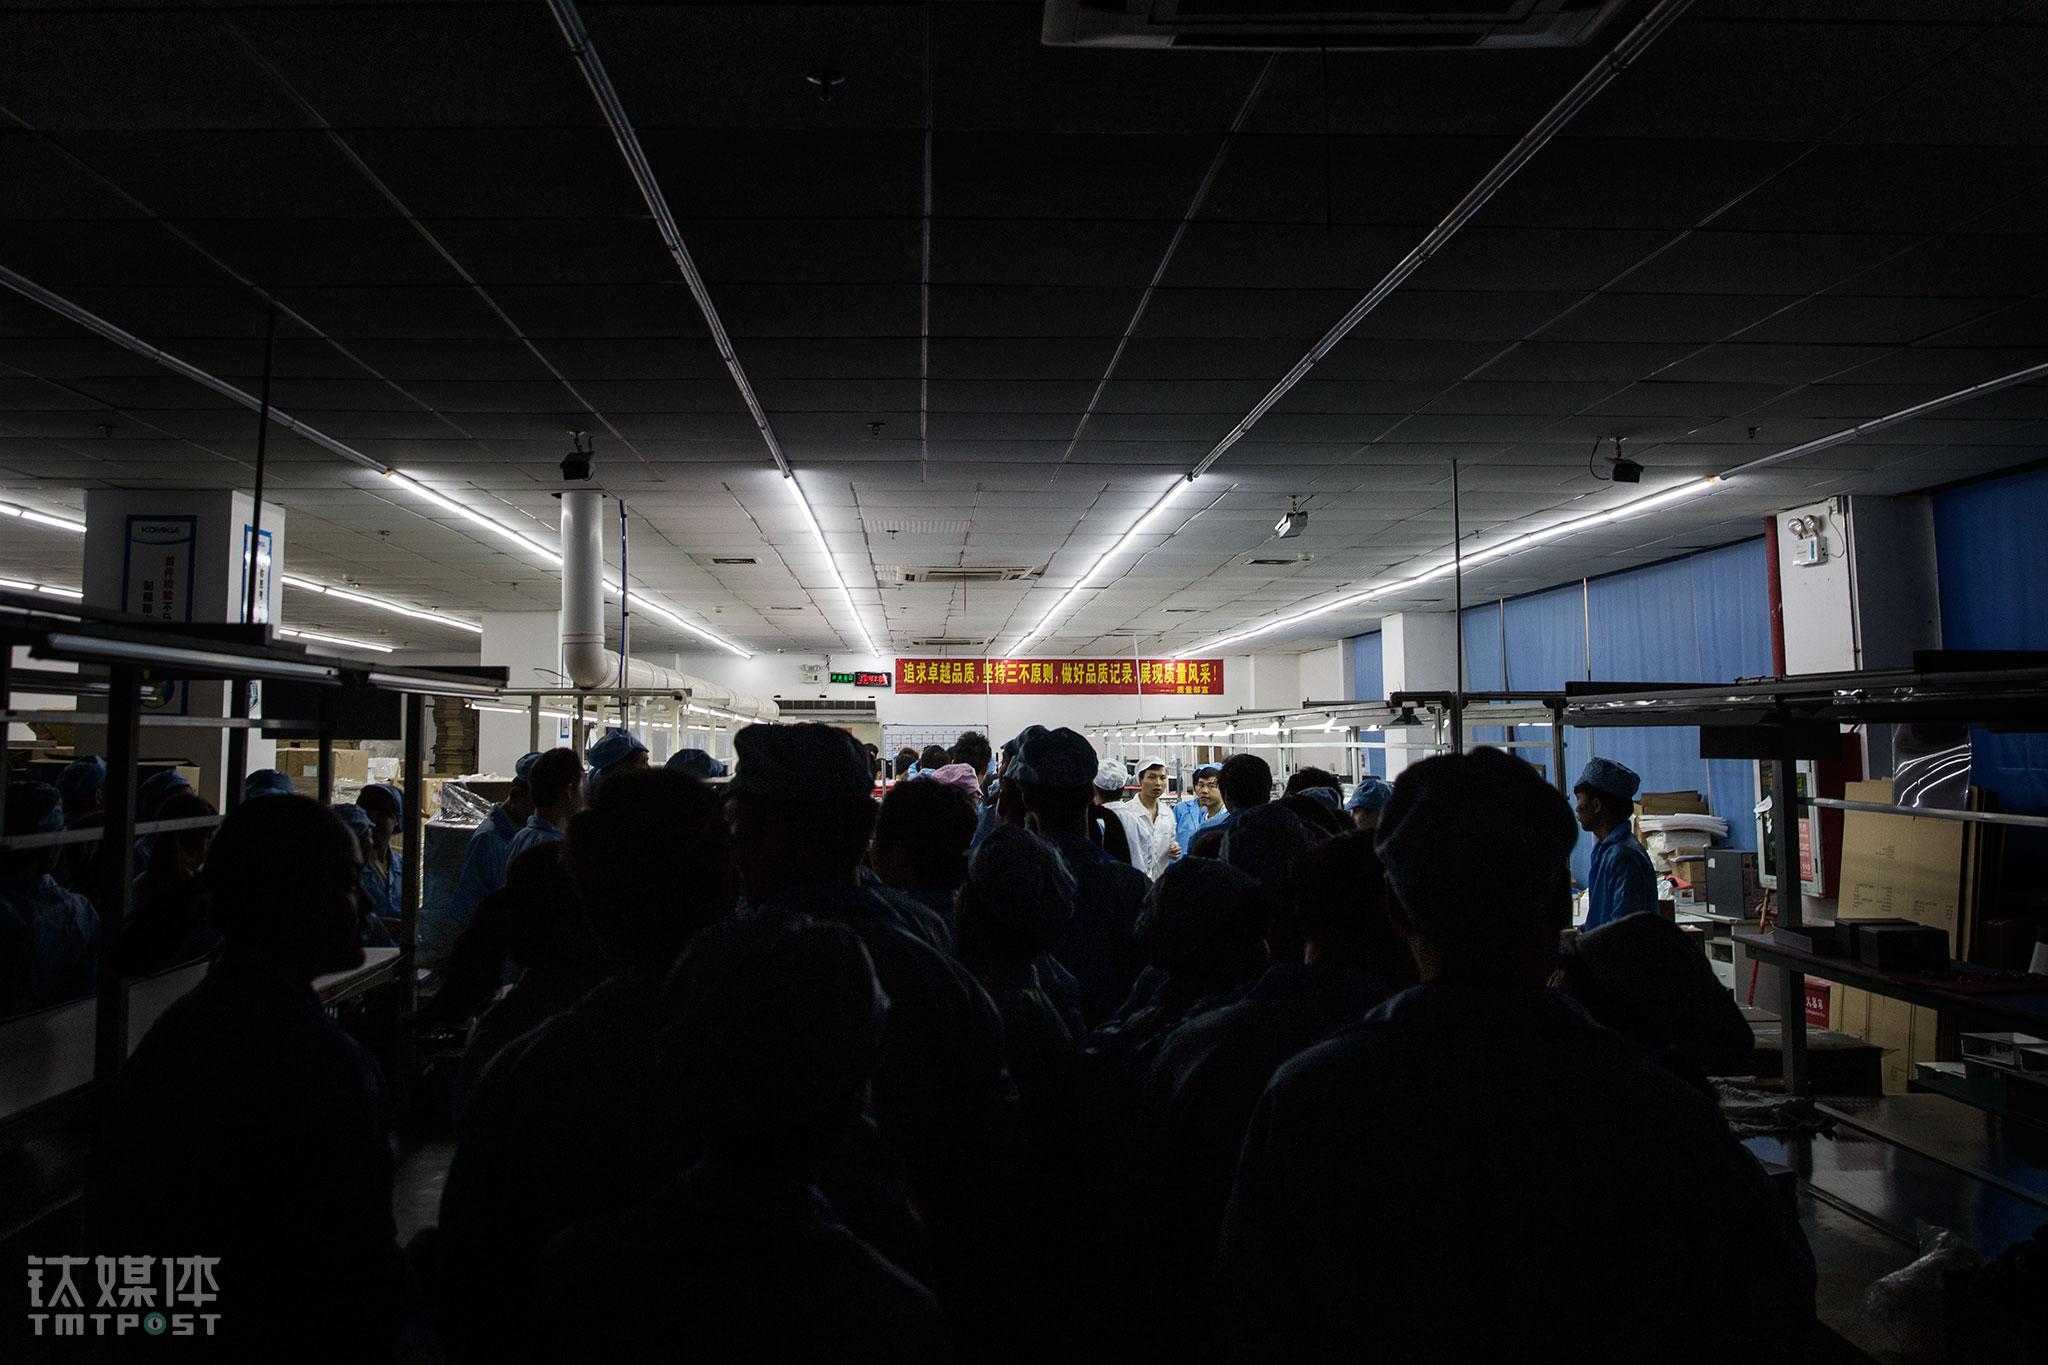 下班铃声响起,生产线停止运转,200名工人走向车间出口。这一天,北京雾霾加重,智能口罩和空气净化器订单加量,这些工人里,有些人过1个小时后又要返回这里加班。